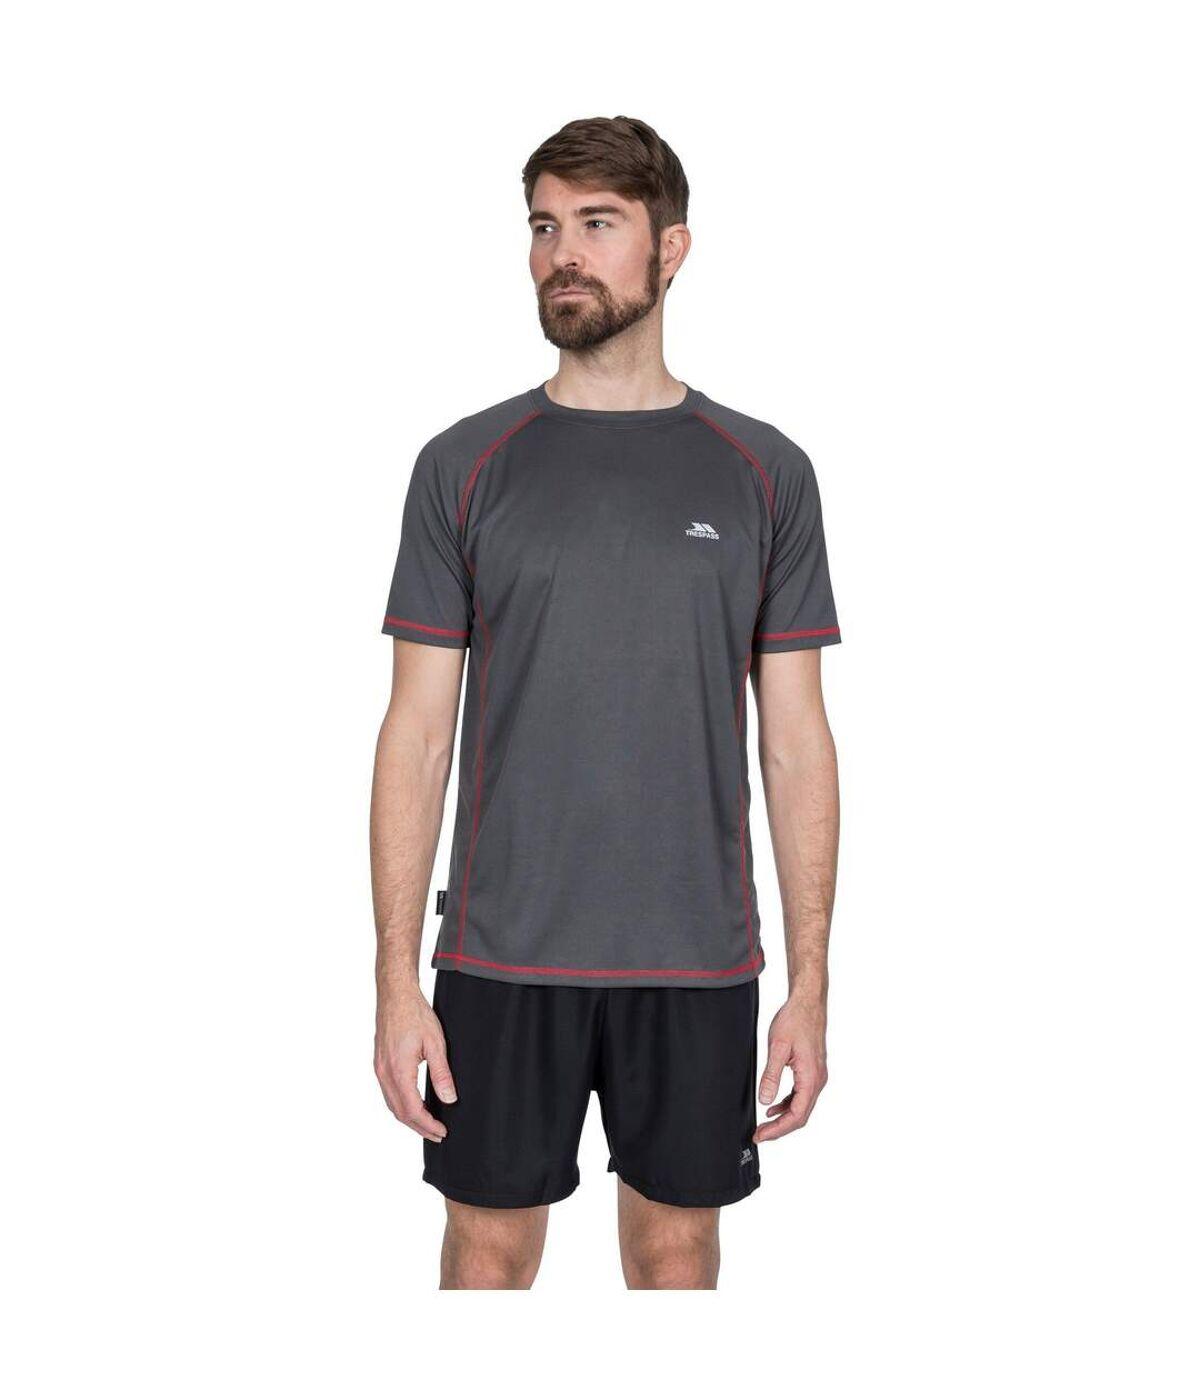 Trespass Mens Albert Active Short Sleeved T-Shirt (Blue) - UTTP4489